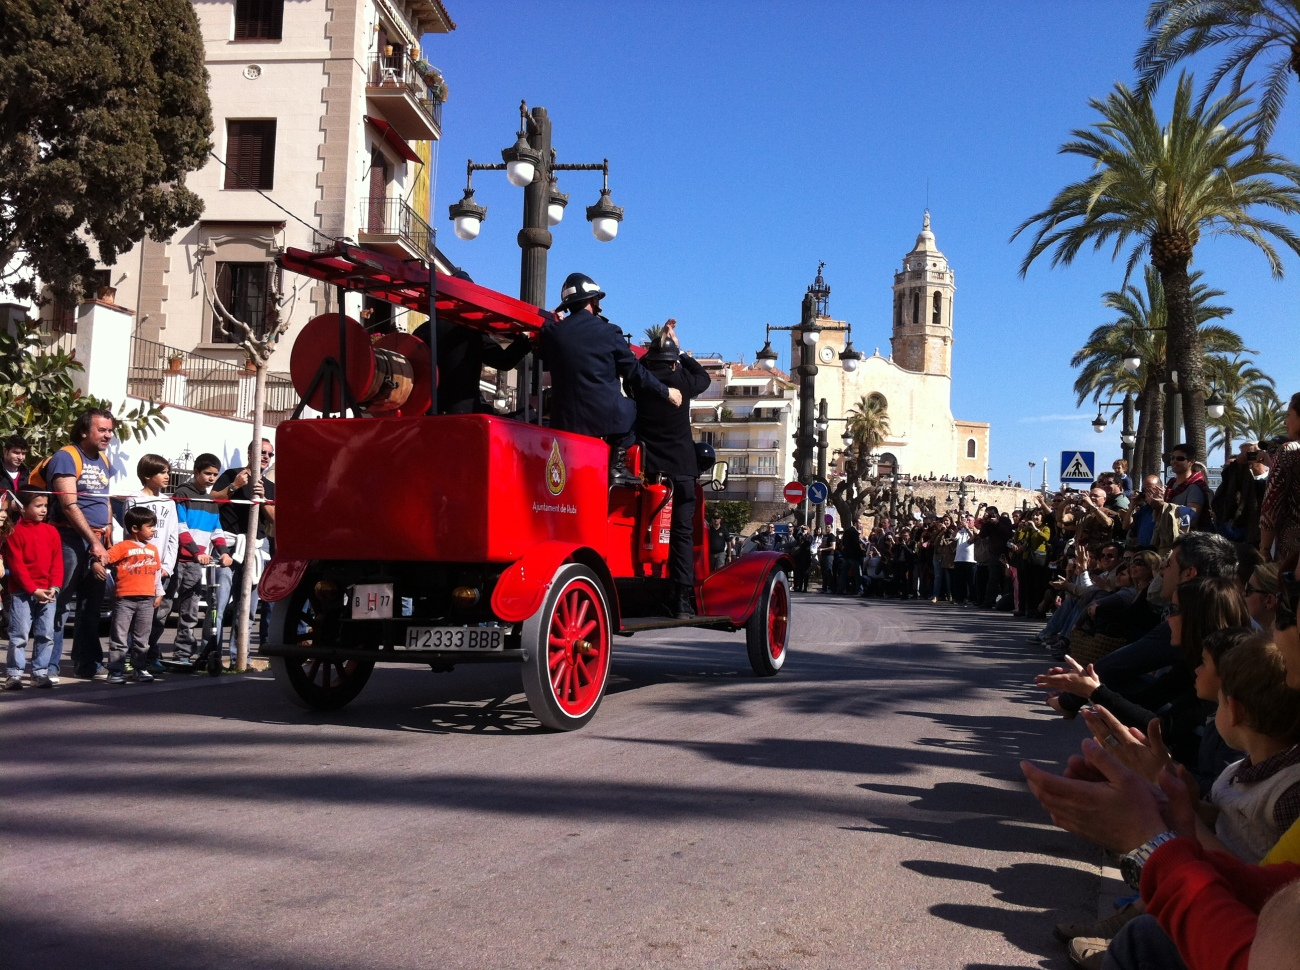 Rallye International de voitures d'époques à Sitges